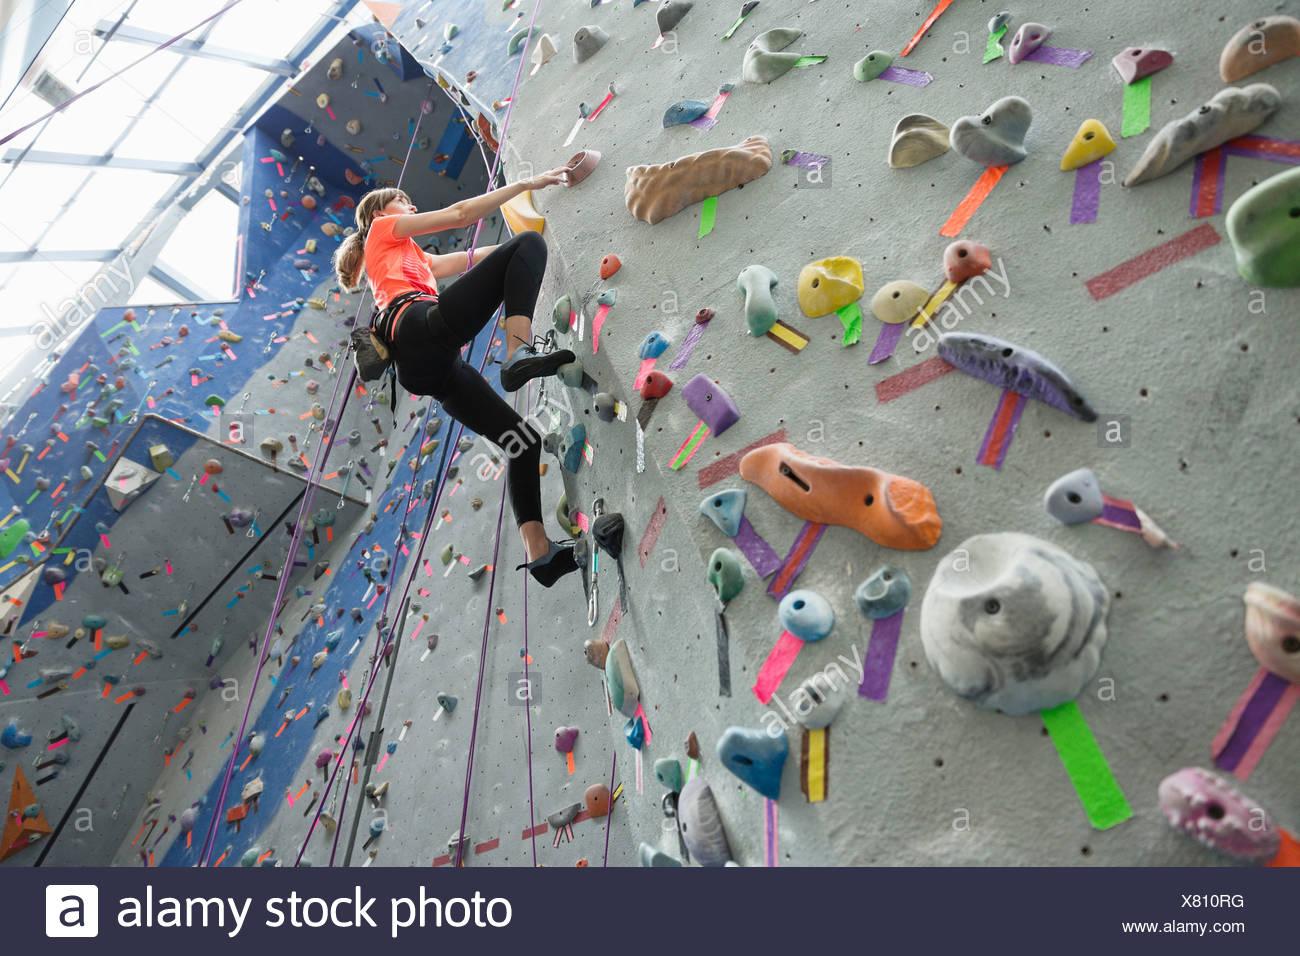 Basso angolo di visione della donna salendo sulla parete di arrampicata in palestra Immagini Stock